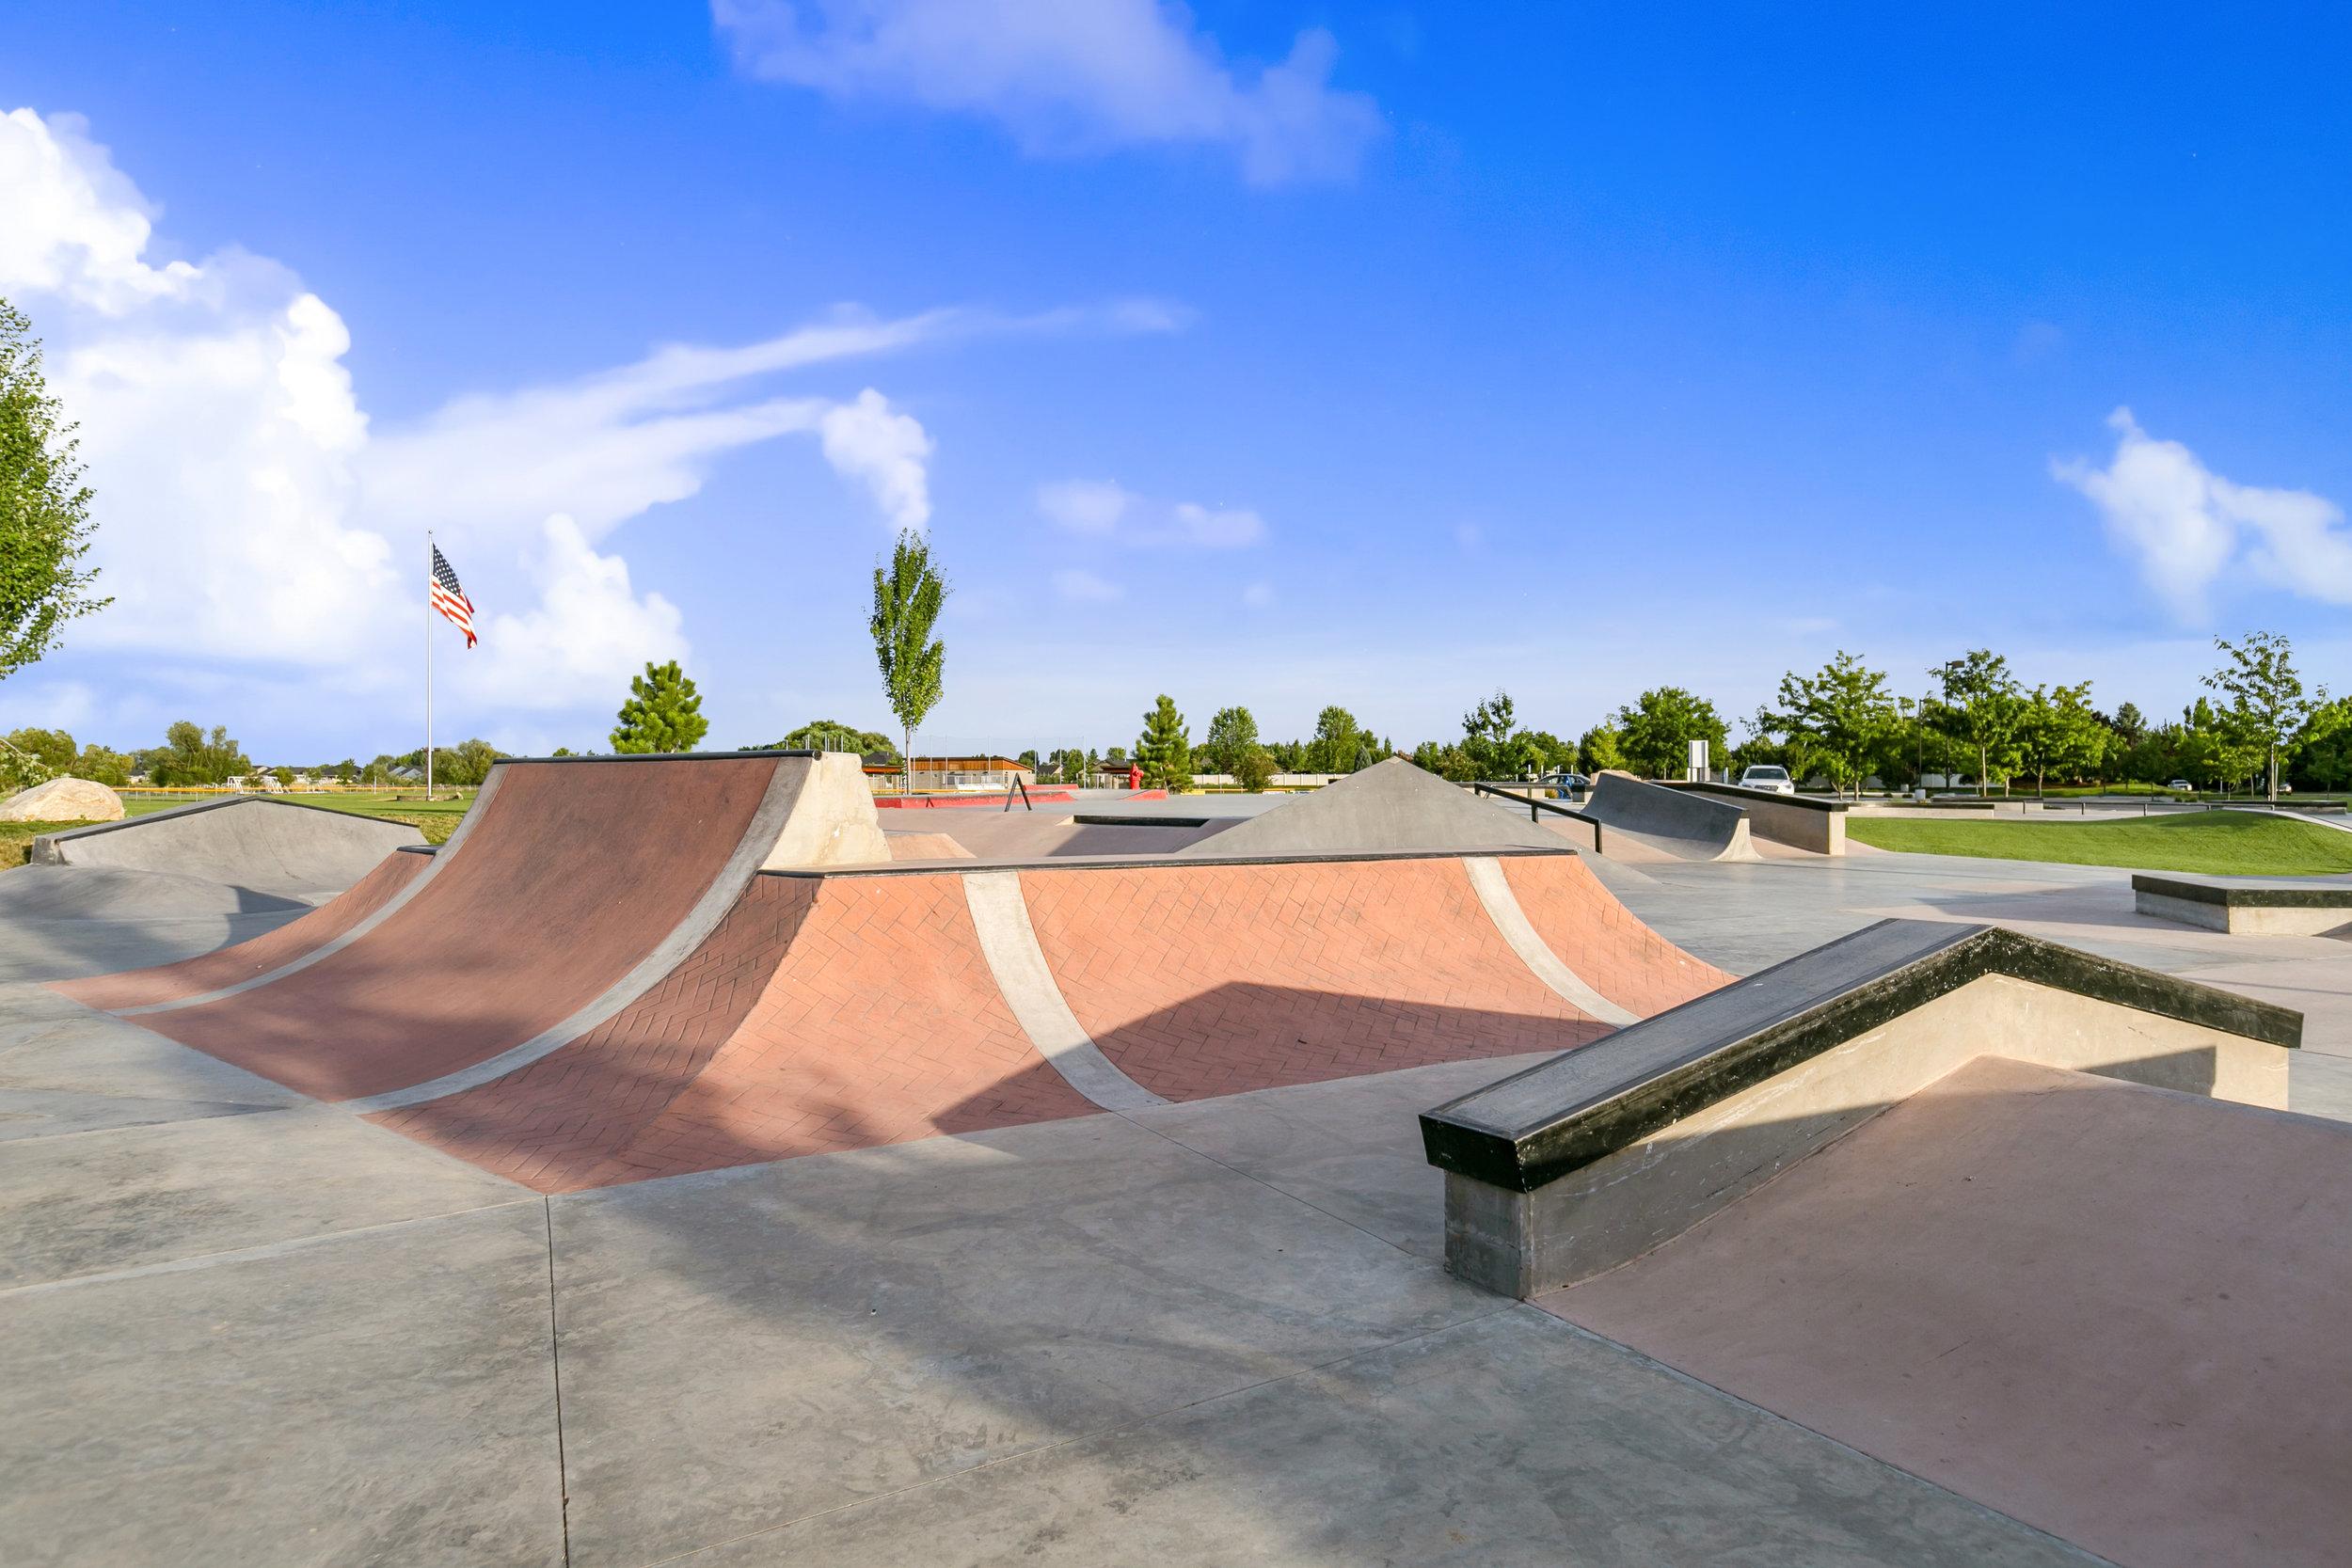 21-Star Skate Park (3).jpg